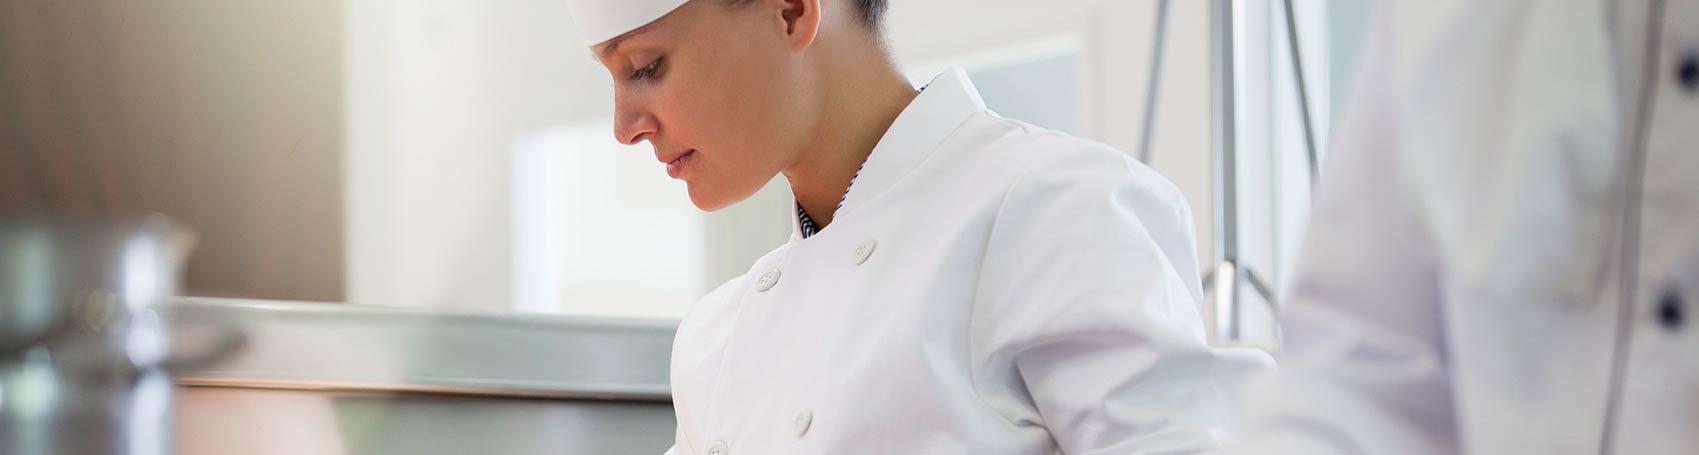 Private chef service at home in Ibiza. VIP services. Consulting Services Ibiza